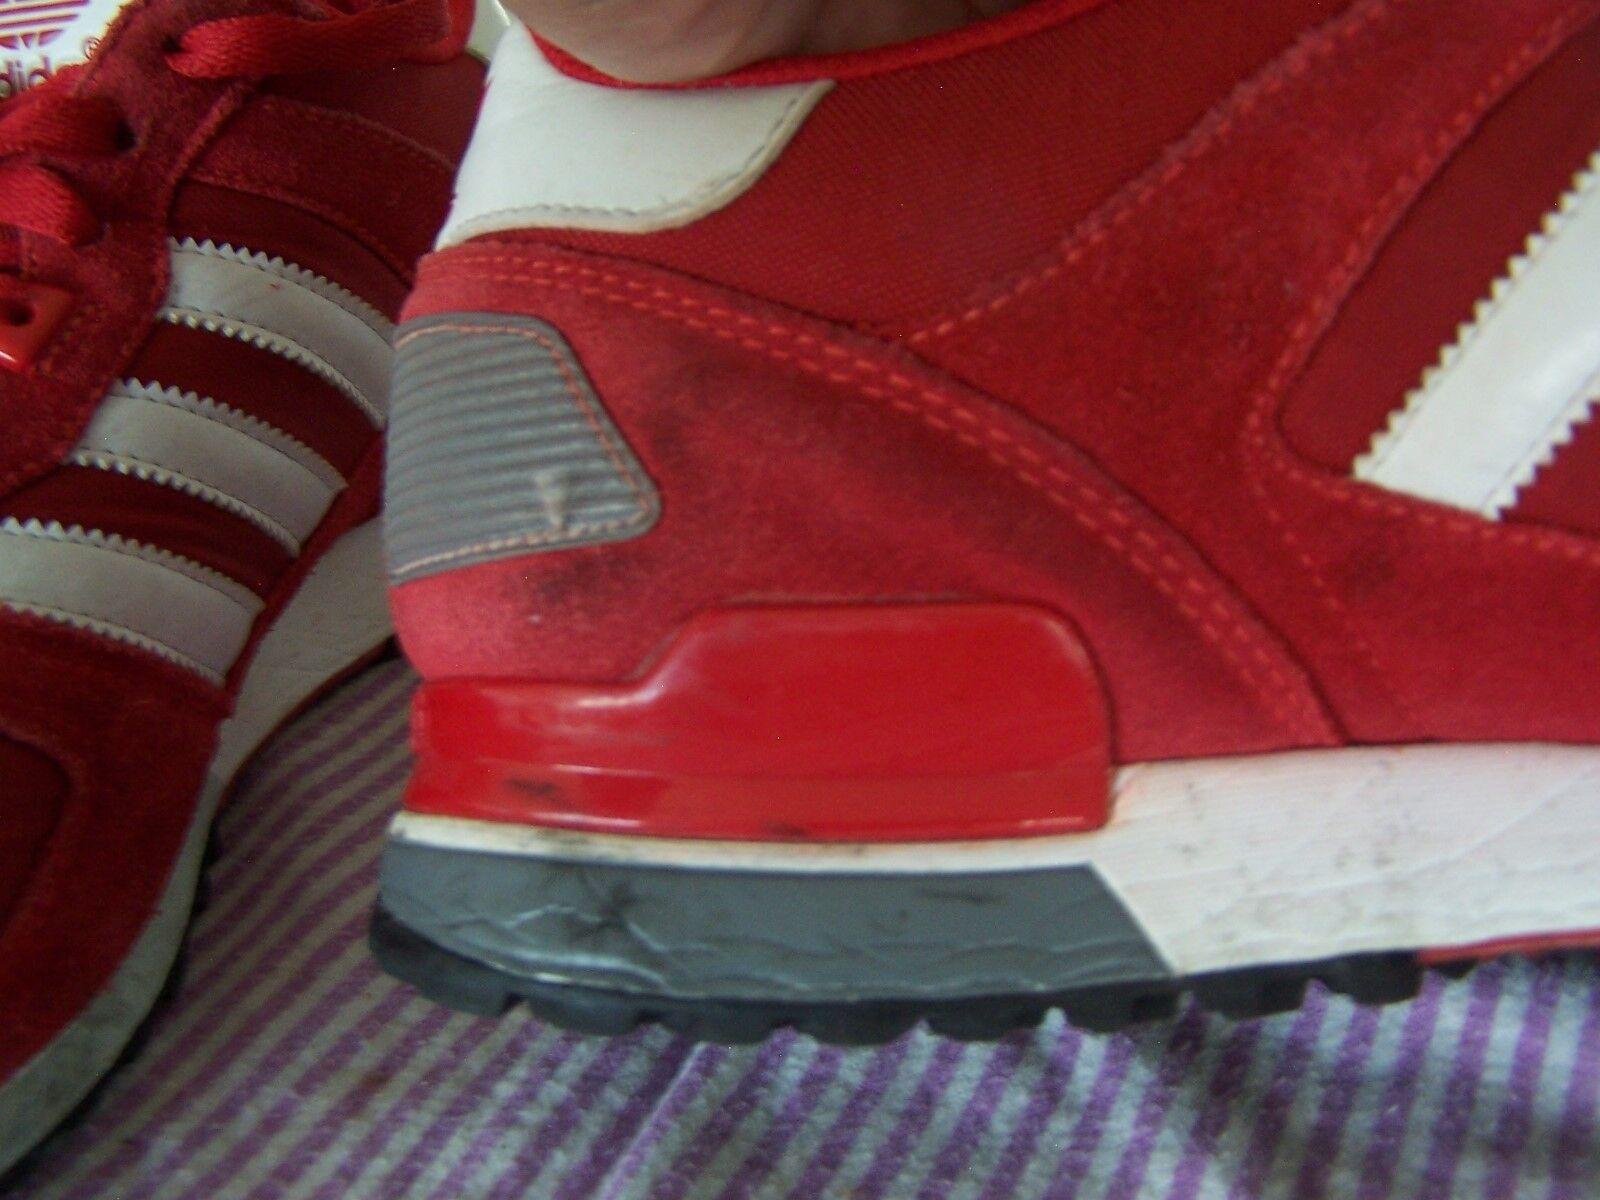 Adidas bei jungen roten laufen retro (2010) - schuhe größe 9,5 (2010) retro 5bdf91